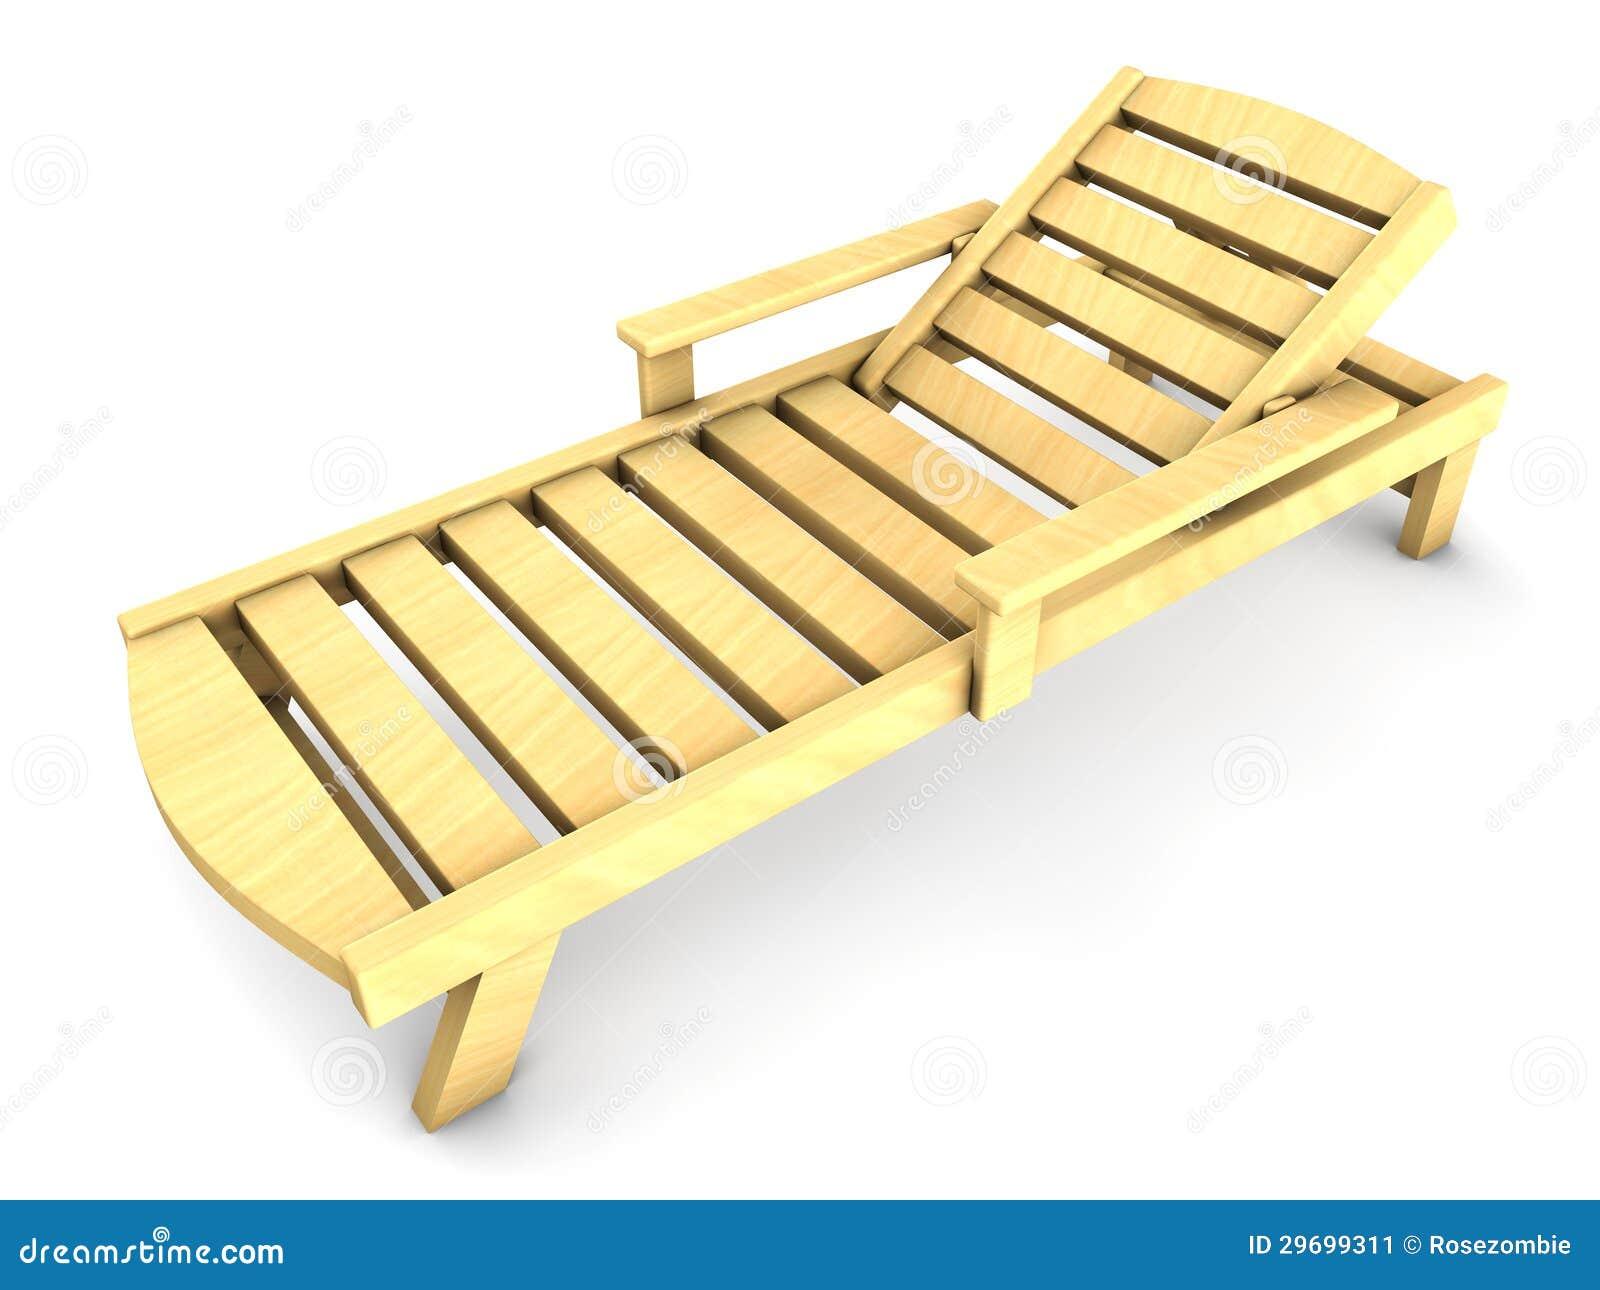 Sillas de playa de madera 3d imagen de archivo imagen for Sillas para jugar a la play